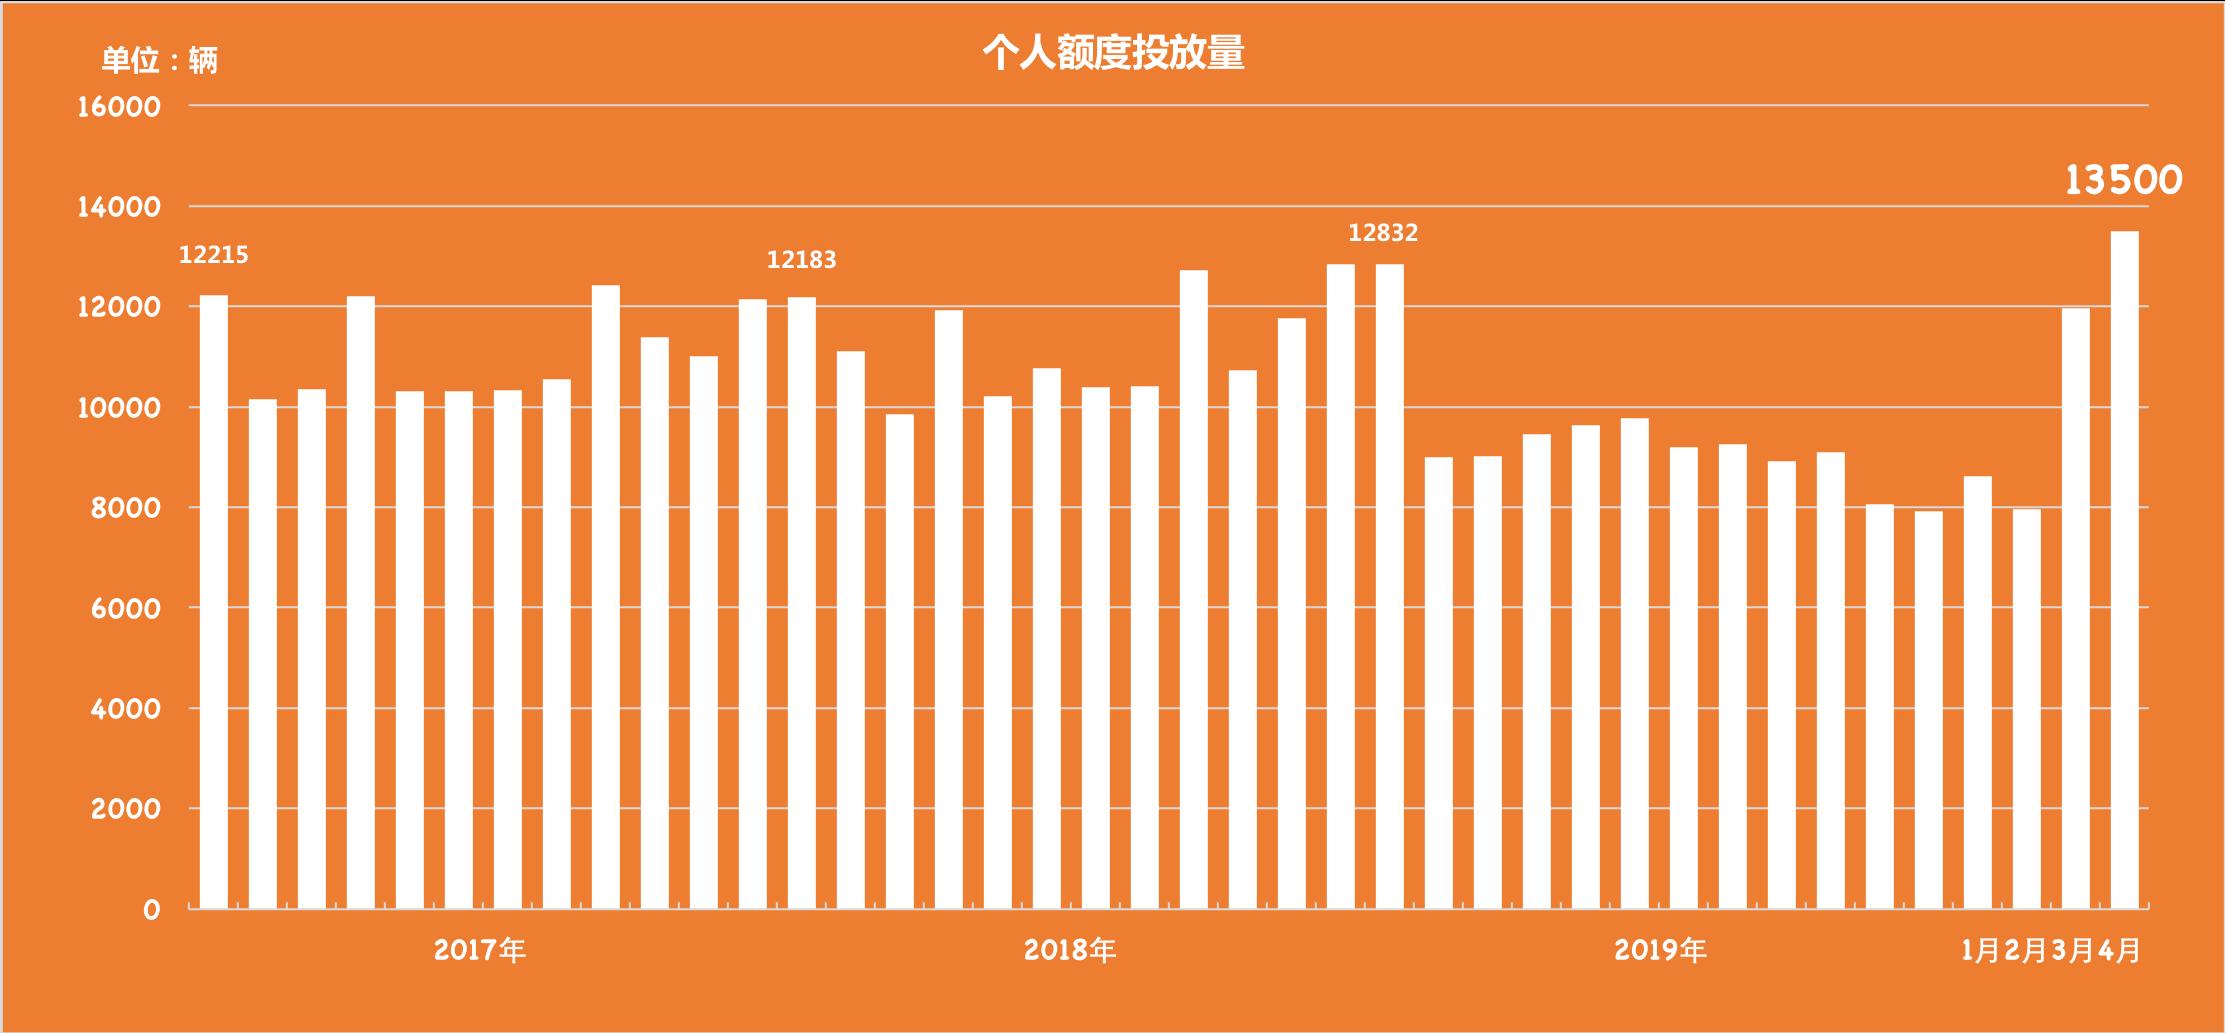 沪牌额度增量后 4月份拍牌中标率升至10%、超14万人竞标